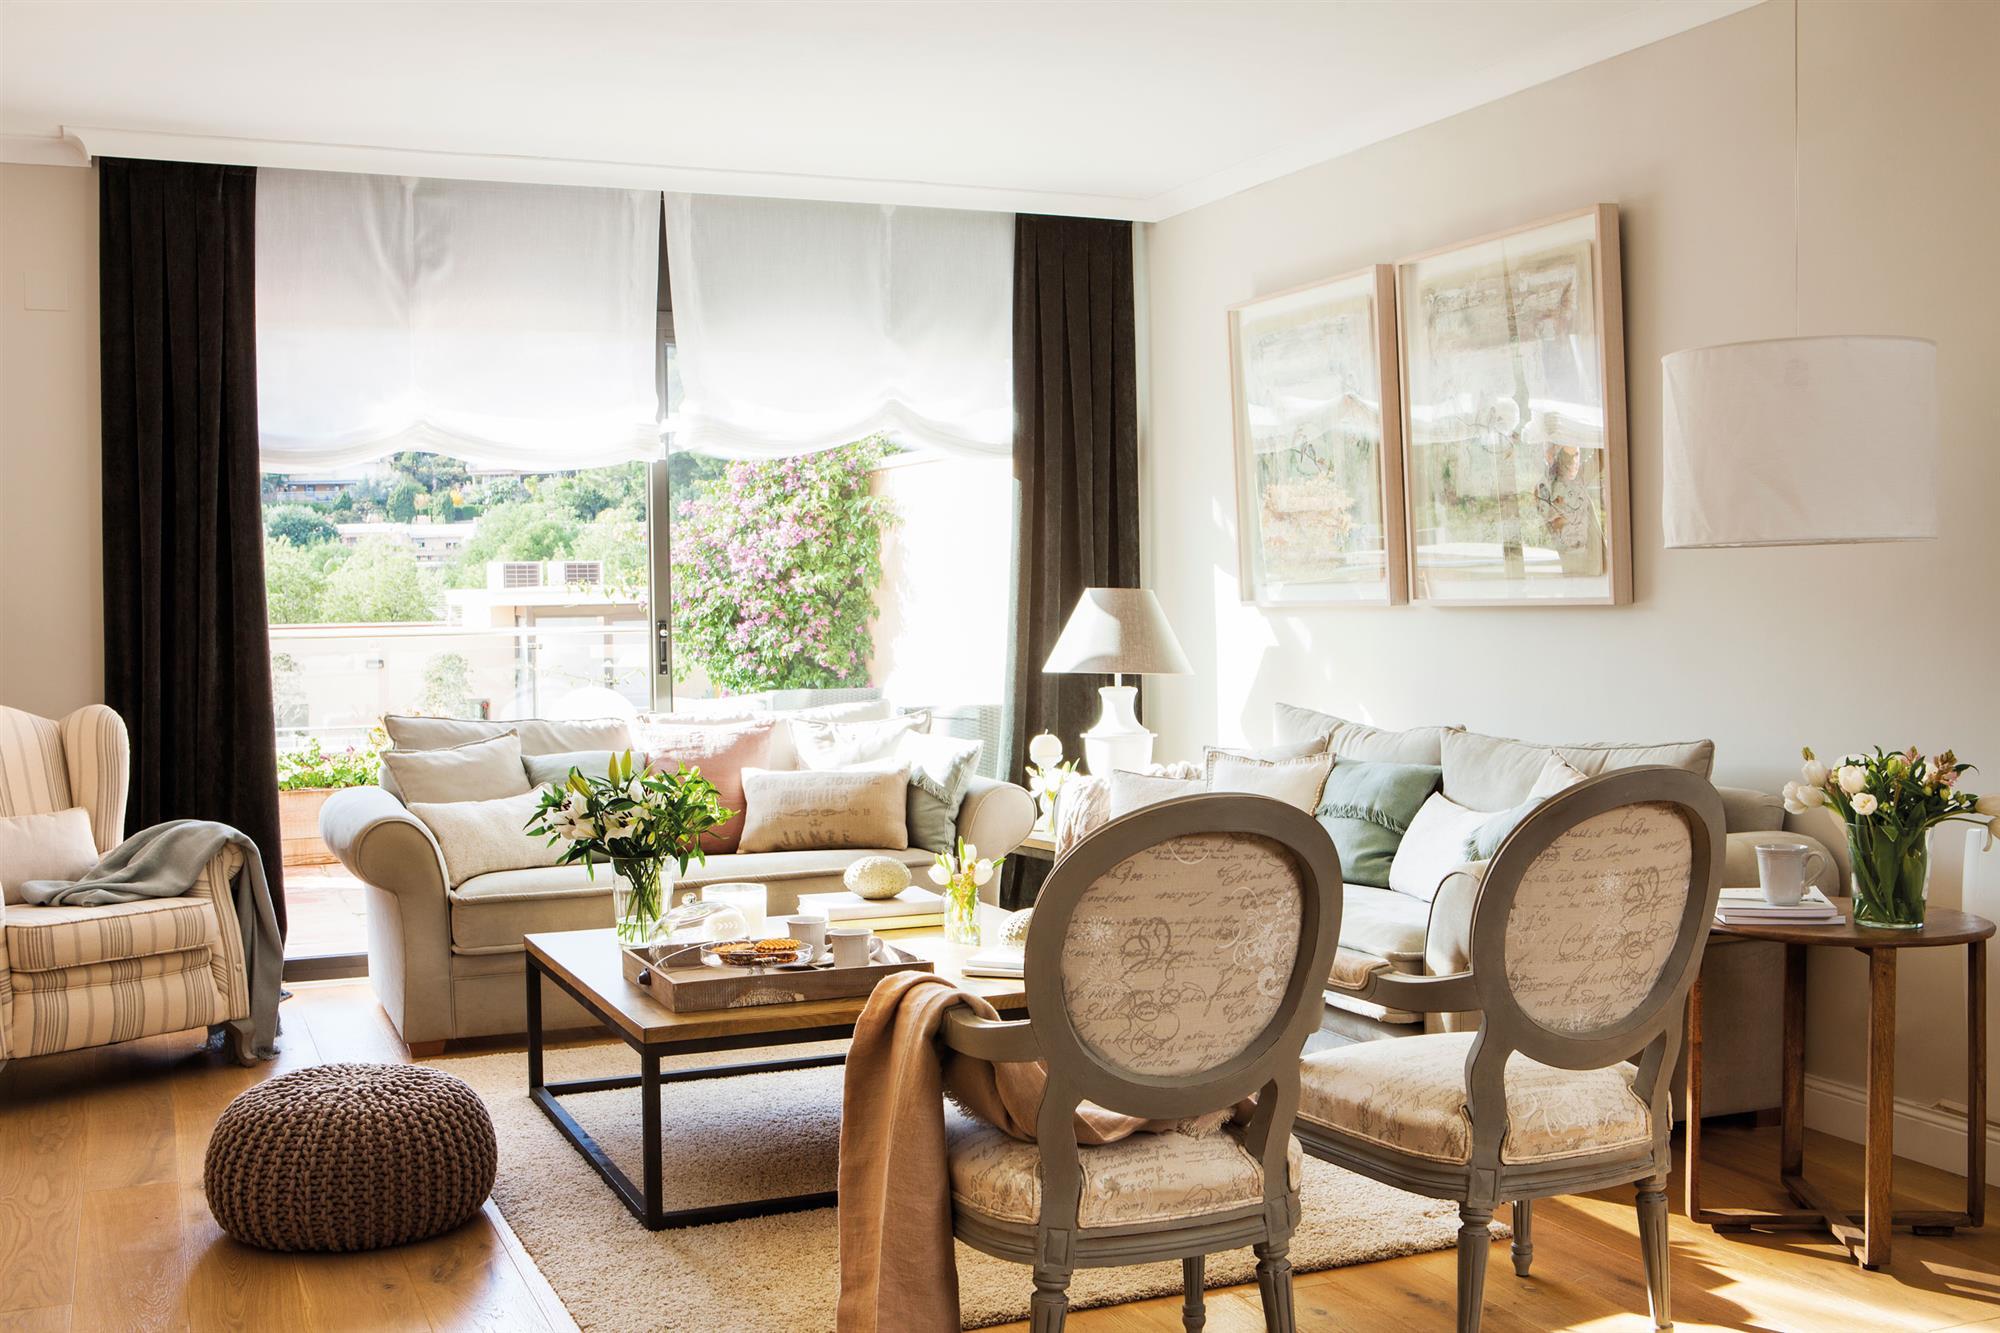 Elige el tejido perfecto para cada cortina - Cortinas salon rustico ...